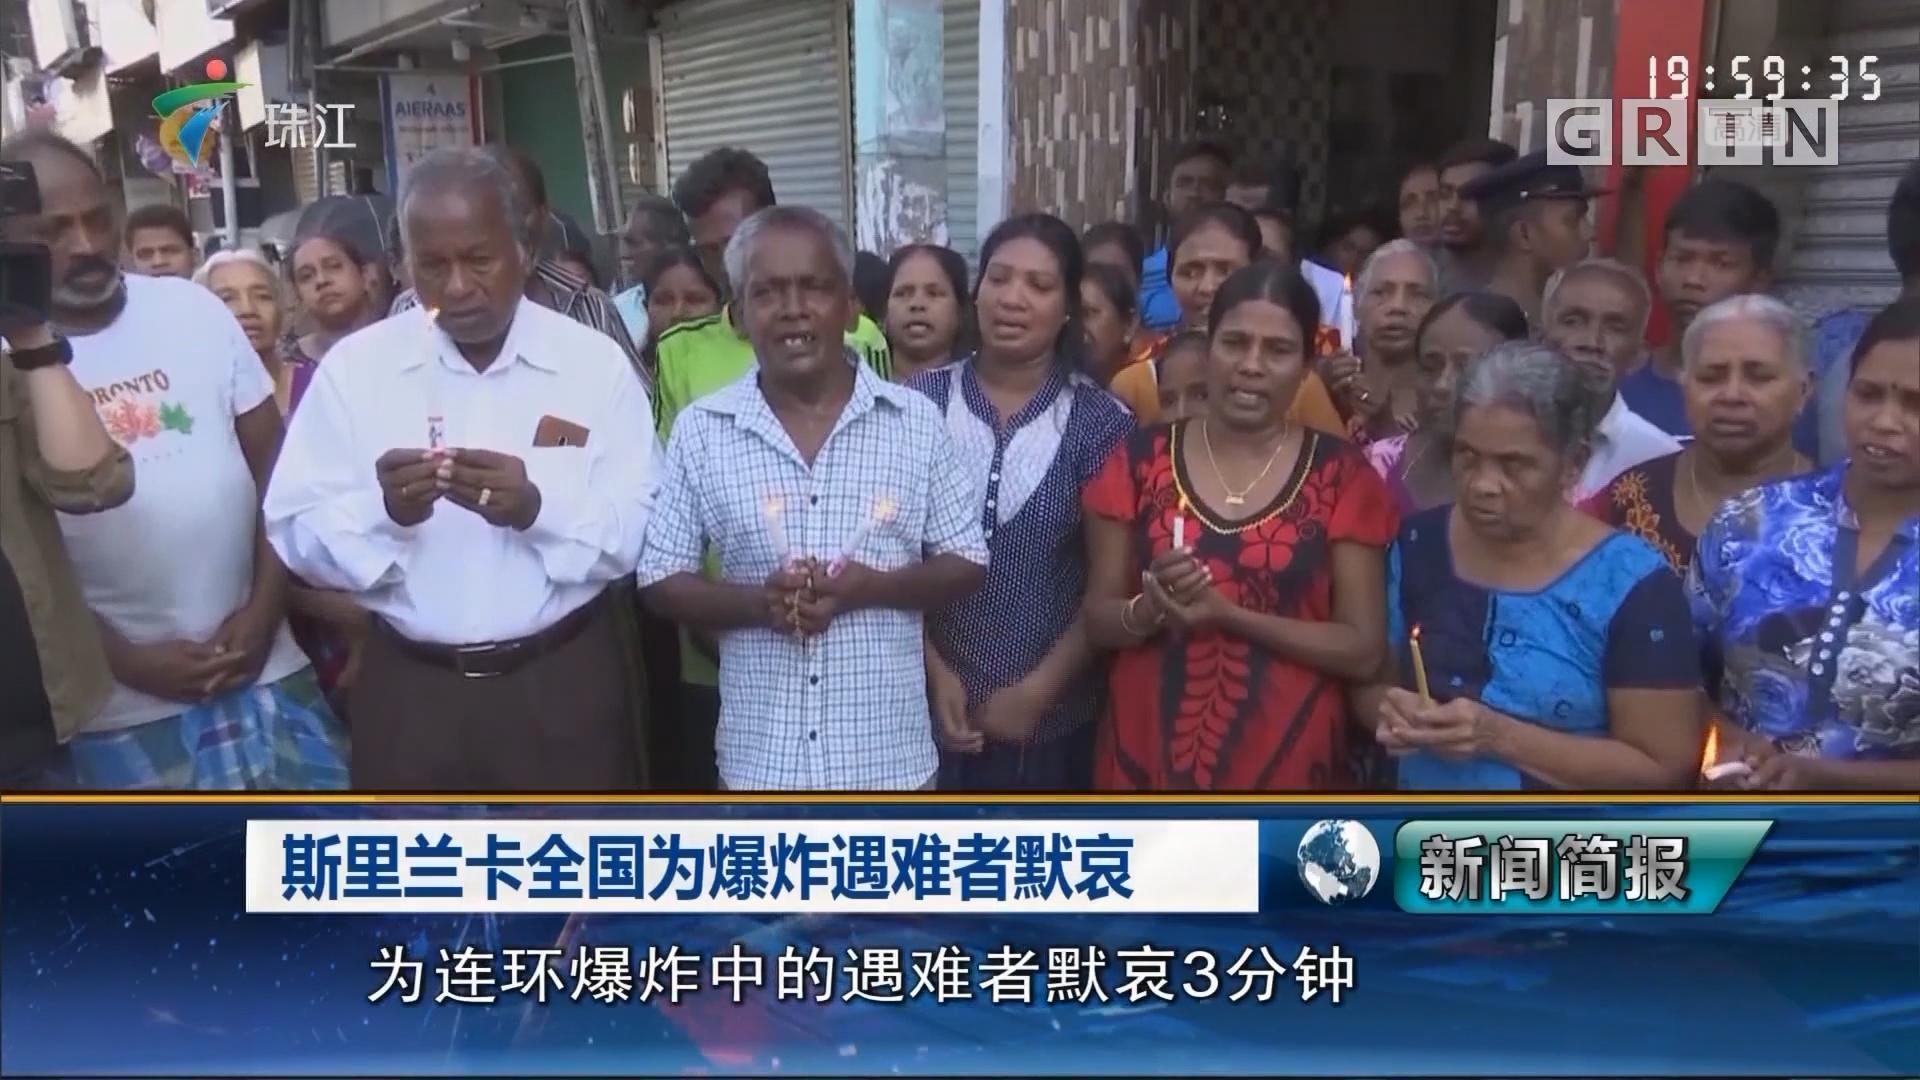 斯里兰卡全国爆炸遇难者默哀